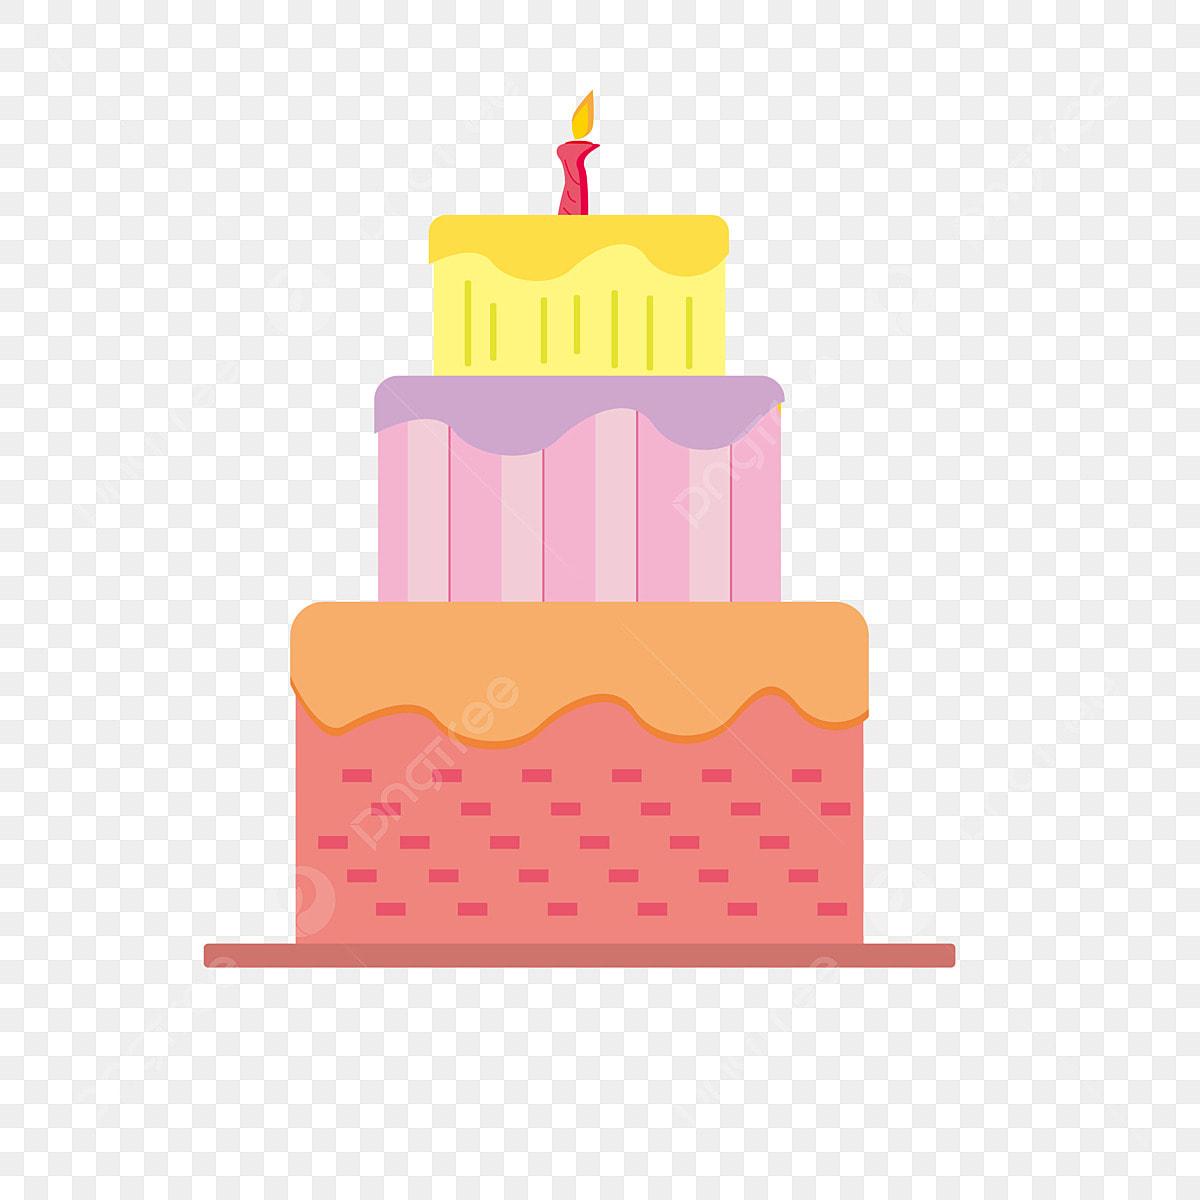 無料ダウンロードのためのイラスト赤ちゃん1歳誕生記念日 1歳の祝いは